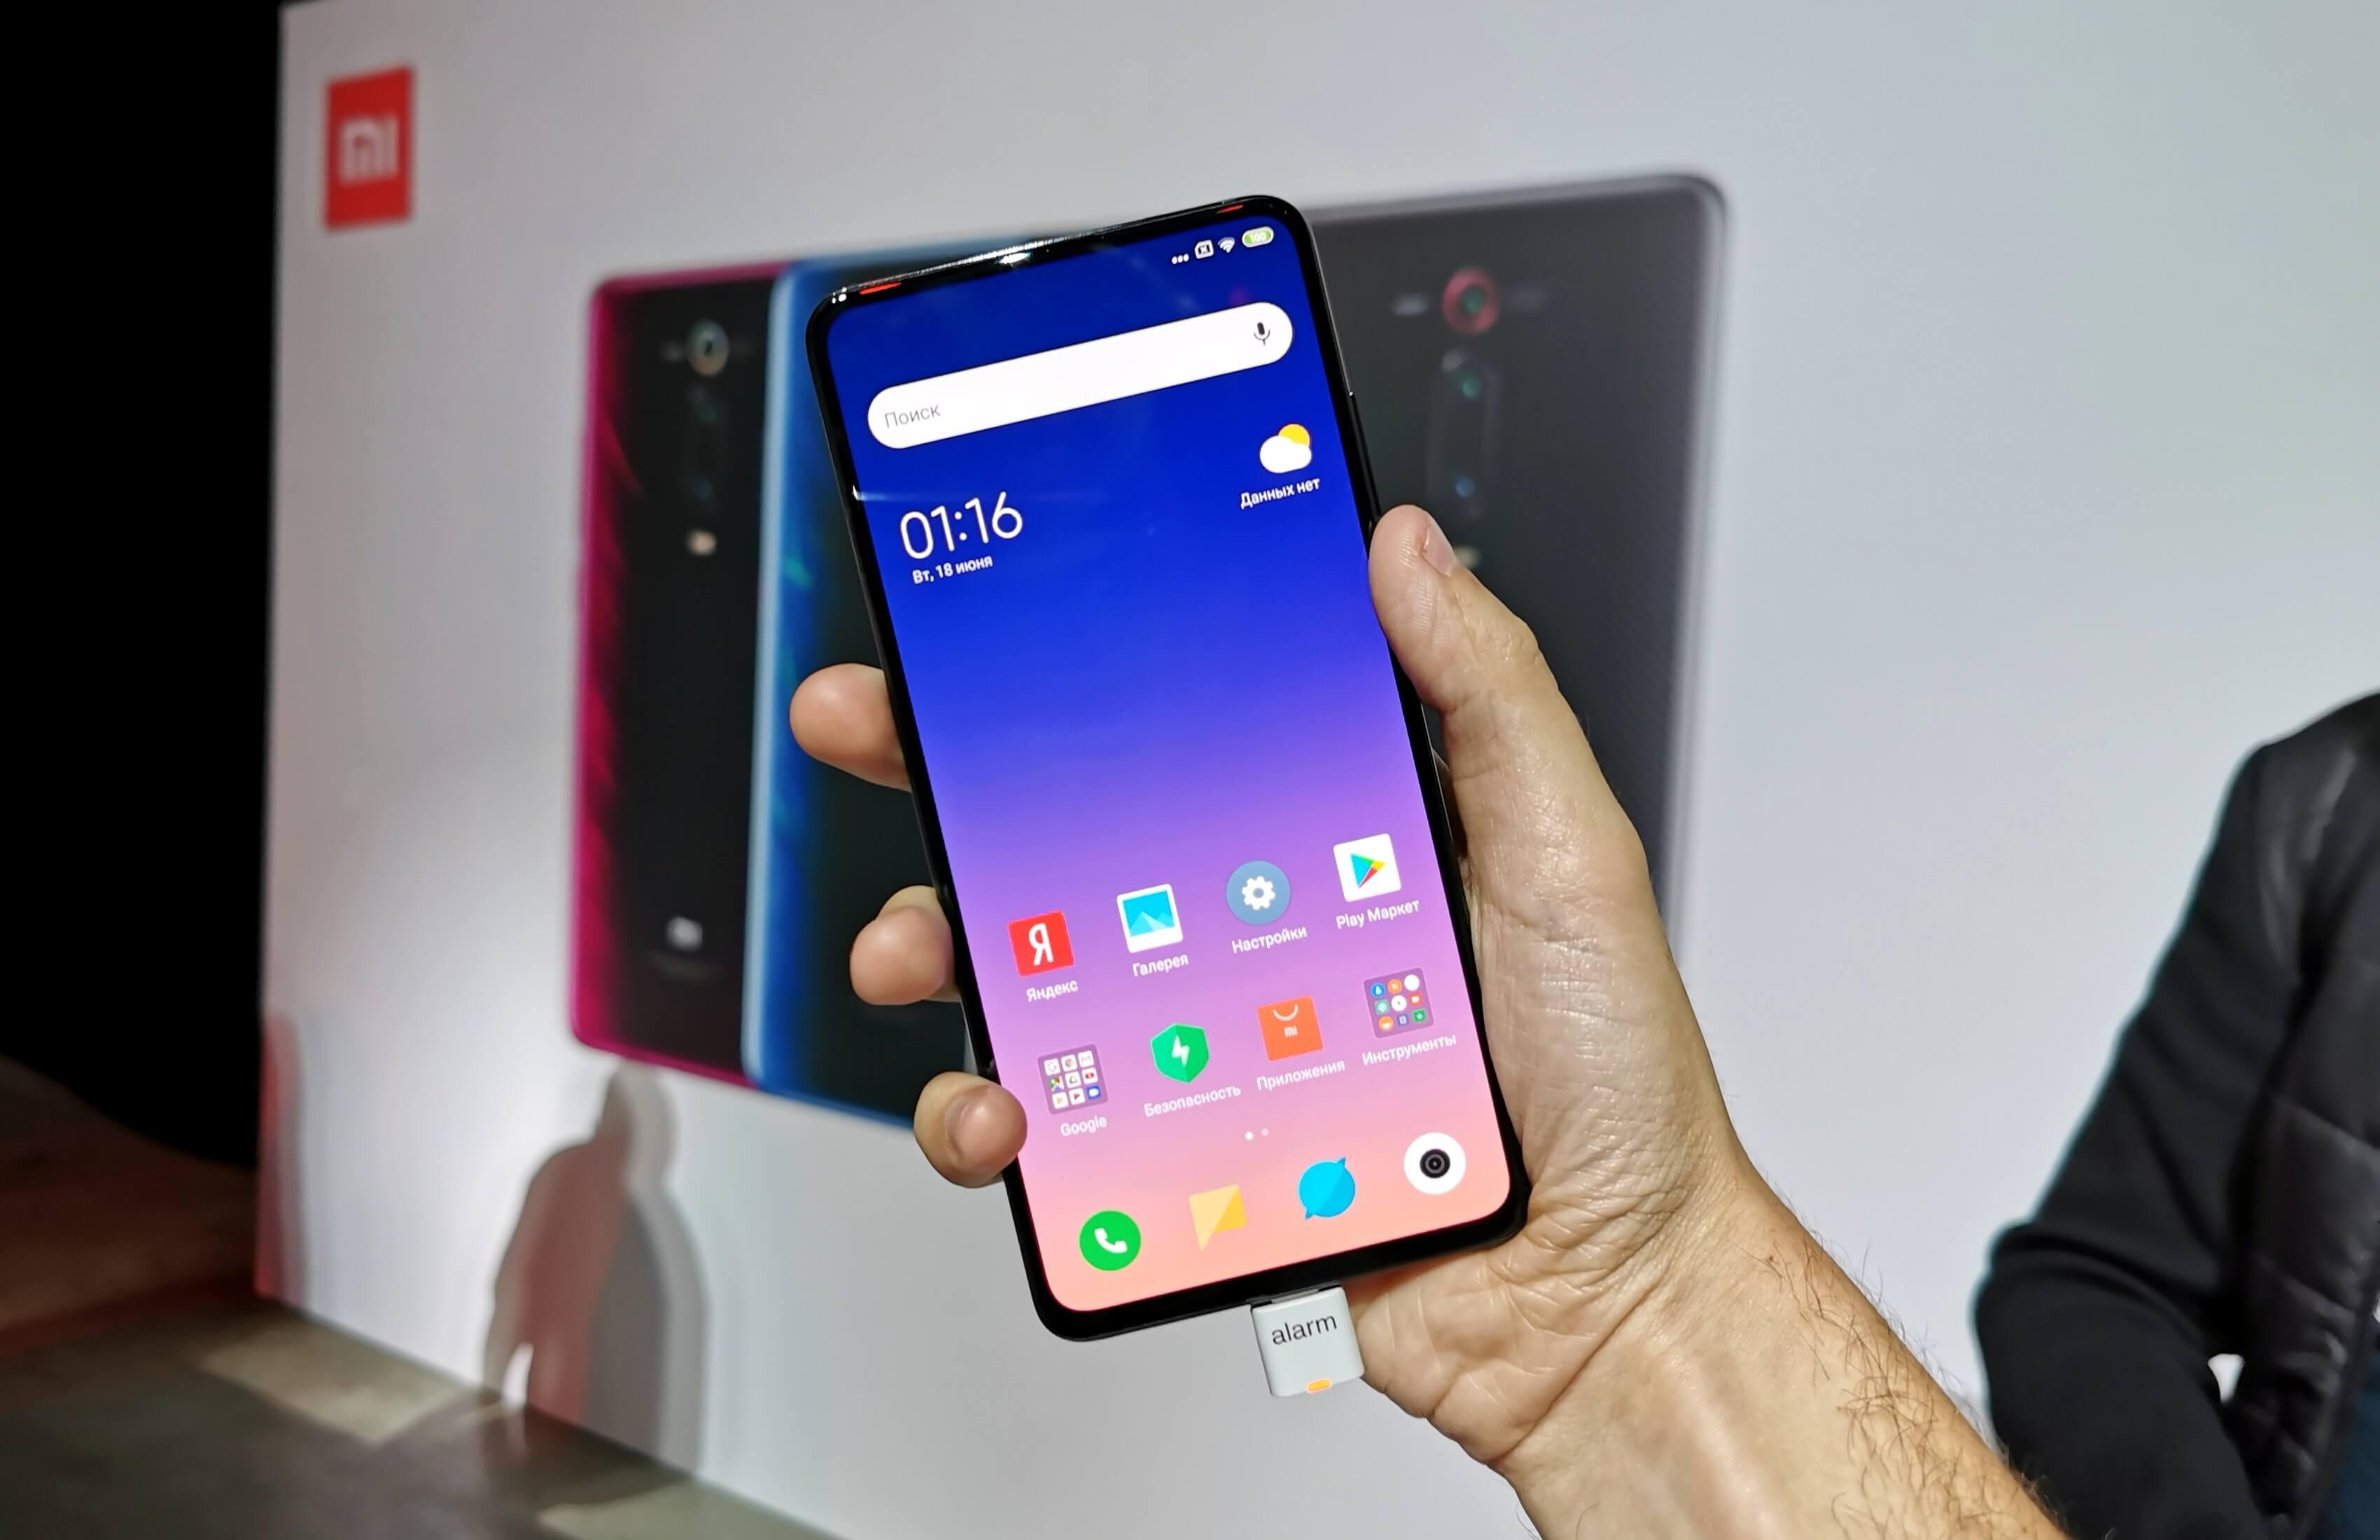 Лучшие смартфоны с 6 гигабайтами ОЗУ - обзор популярных моделей 2019 года (декабрь)